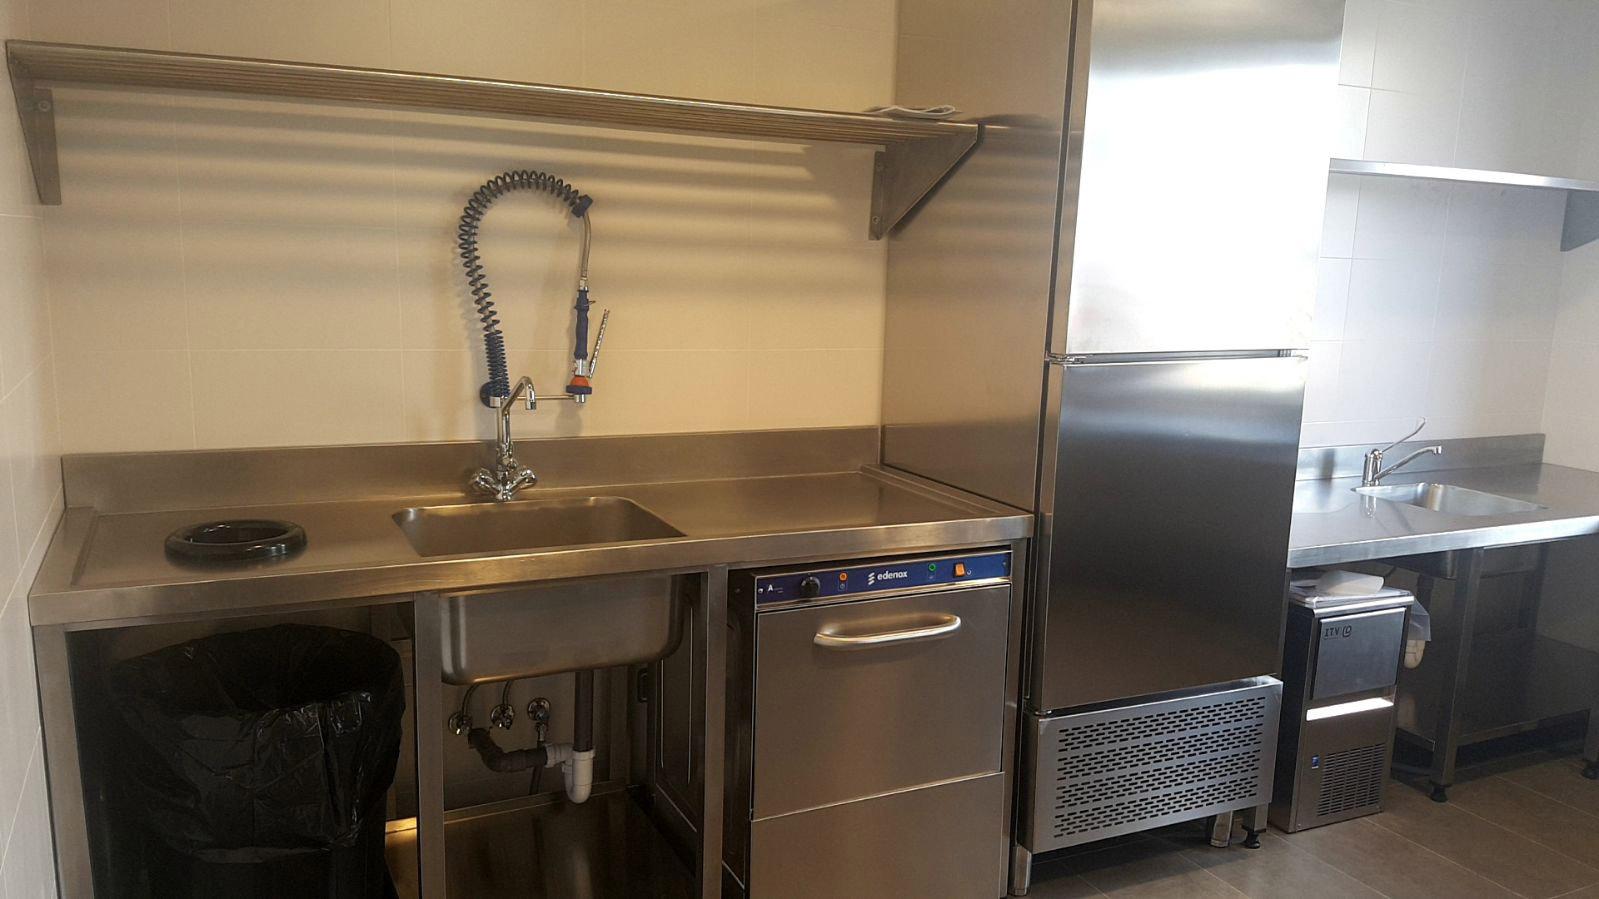 Dise o fabricaci n y montaje de cocina industrial del for Cocina hosteleria